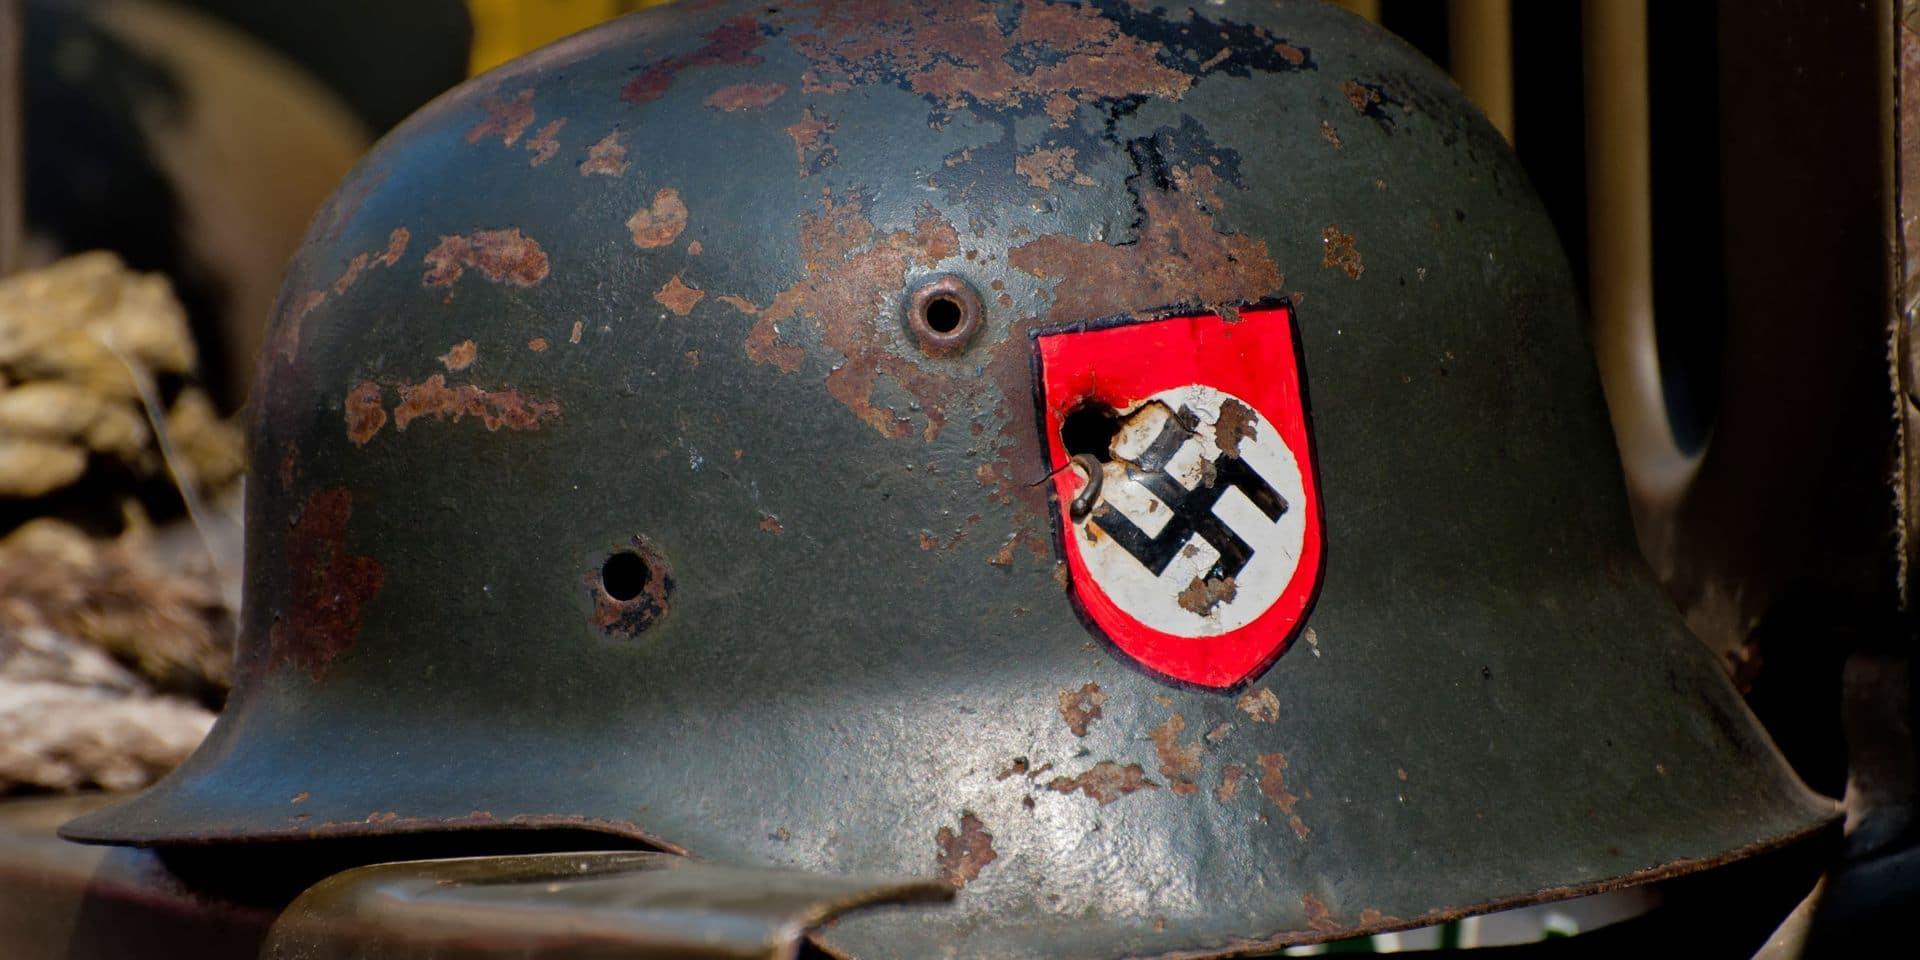 Incroyable découverte de la police espagnole: un musée nazi chez un trafiquant d'armes allemand